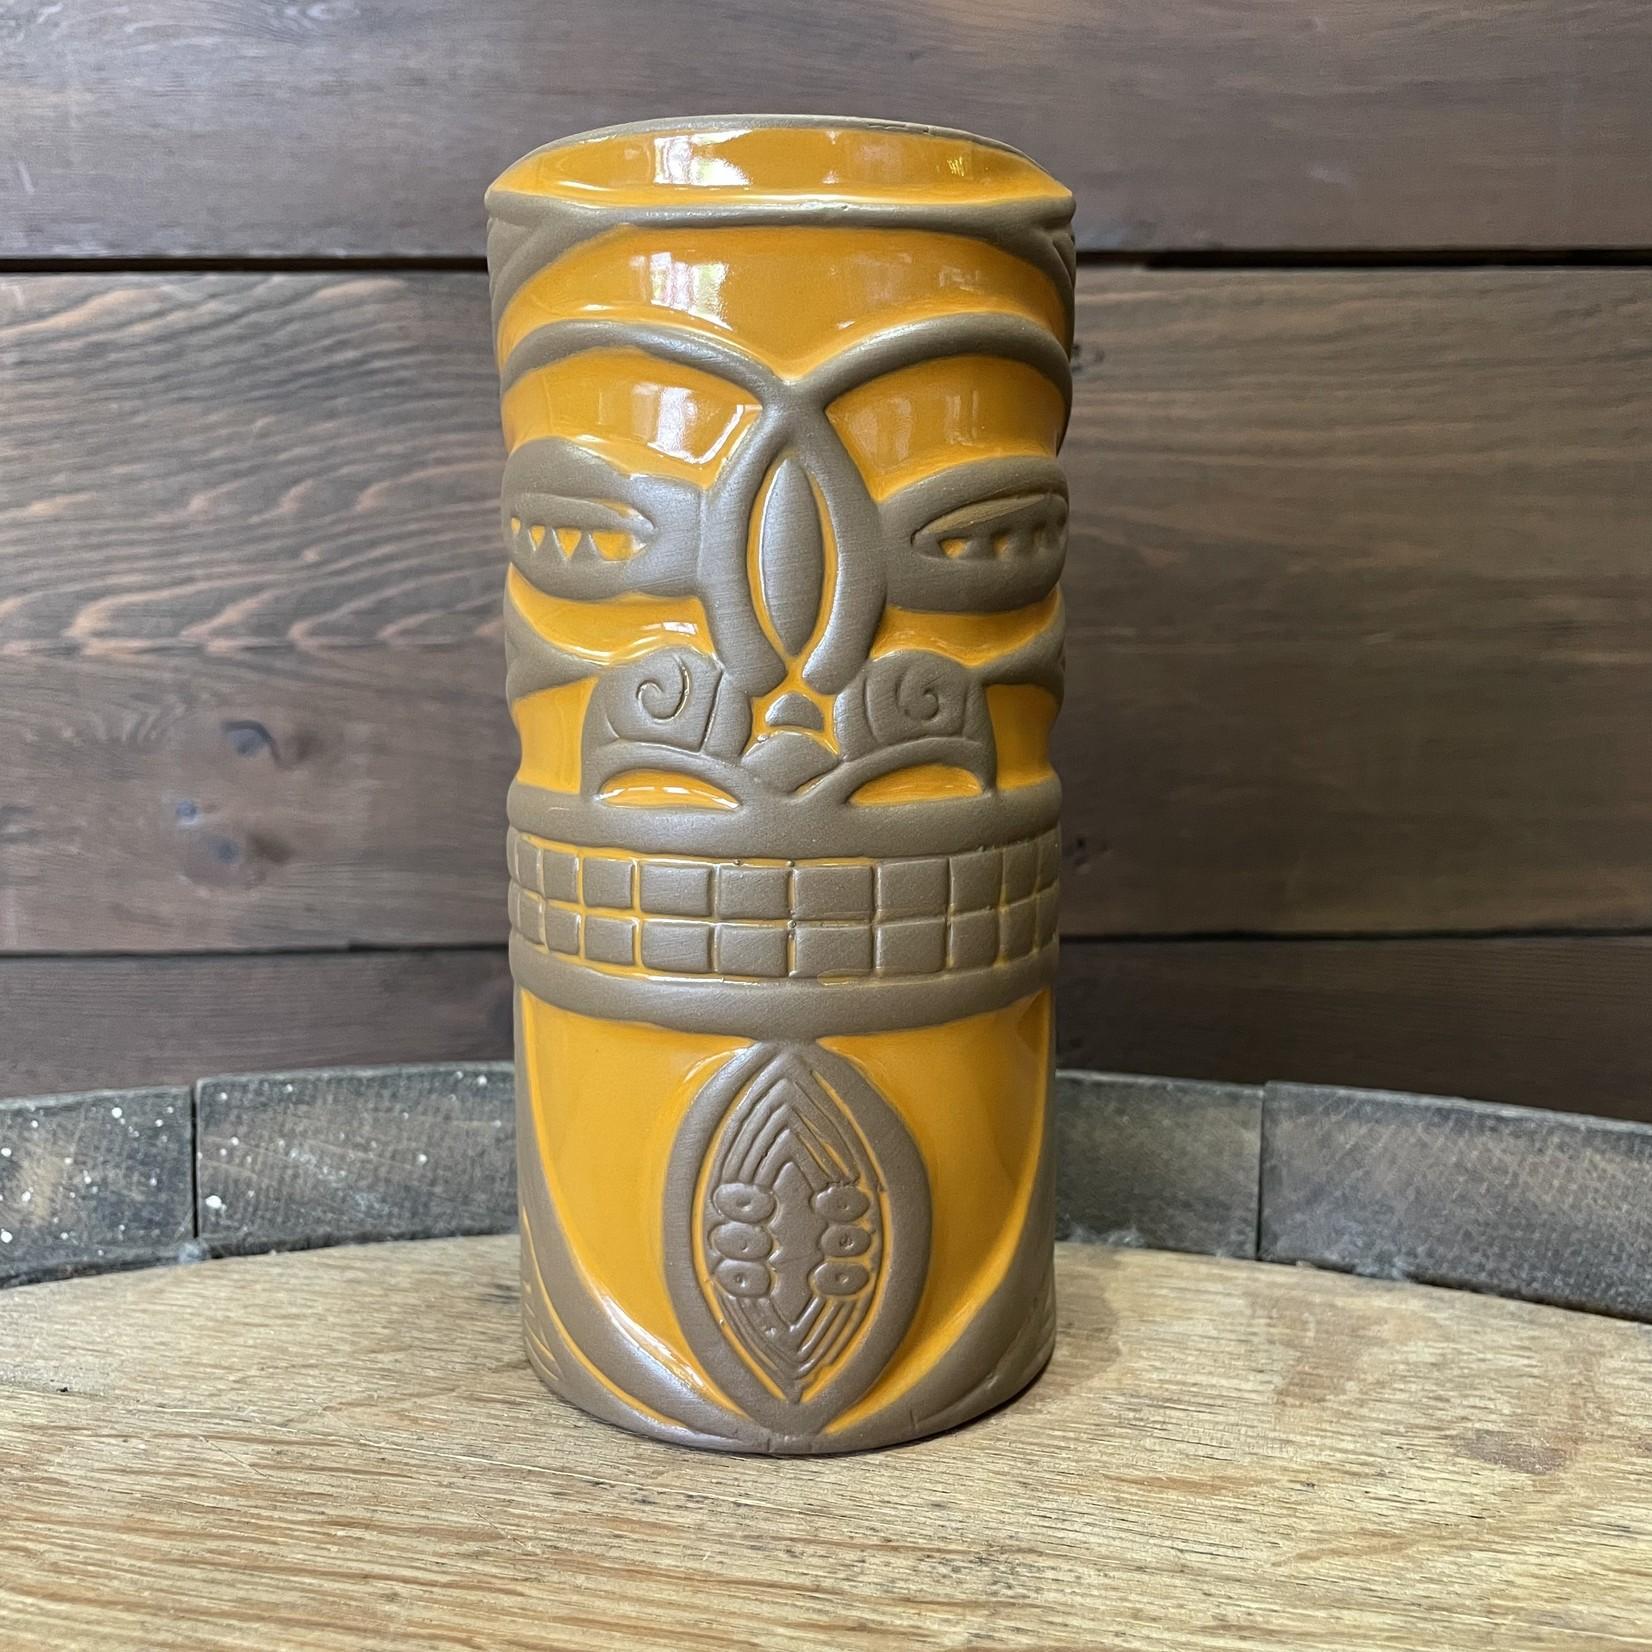 Munktiki Munktiki Nui Waha Exotica Orange Mug